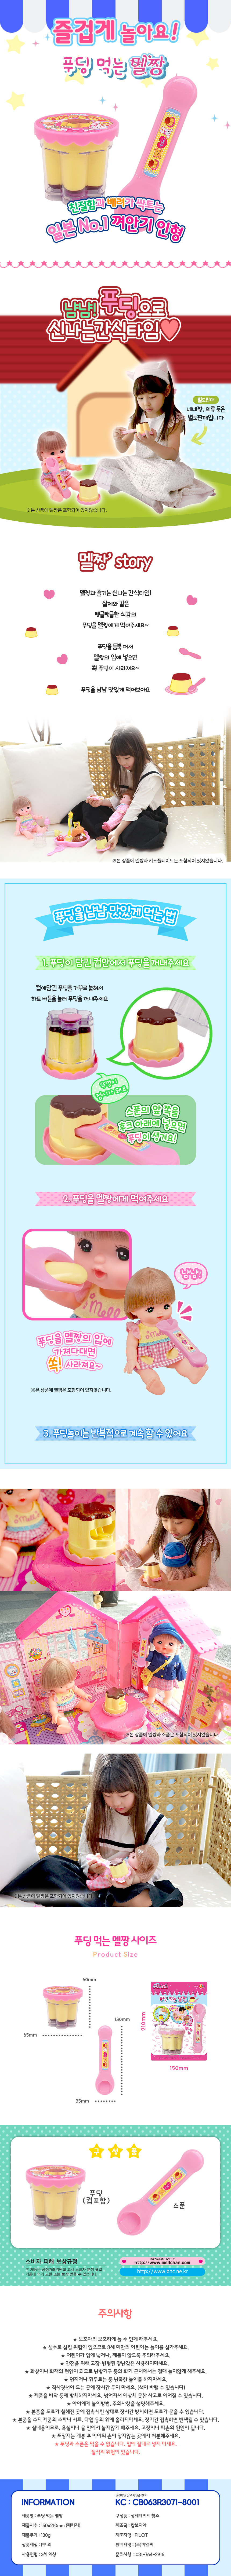 푸딩먹는 멜짱_한국 총판 공식 수입업체 - 비앤씨, 11,000원, 장난감, 인형/애착인형